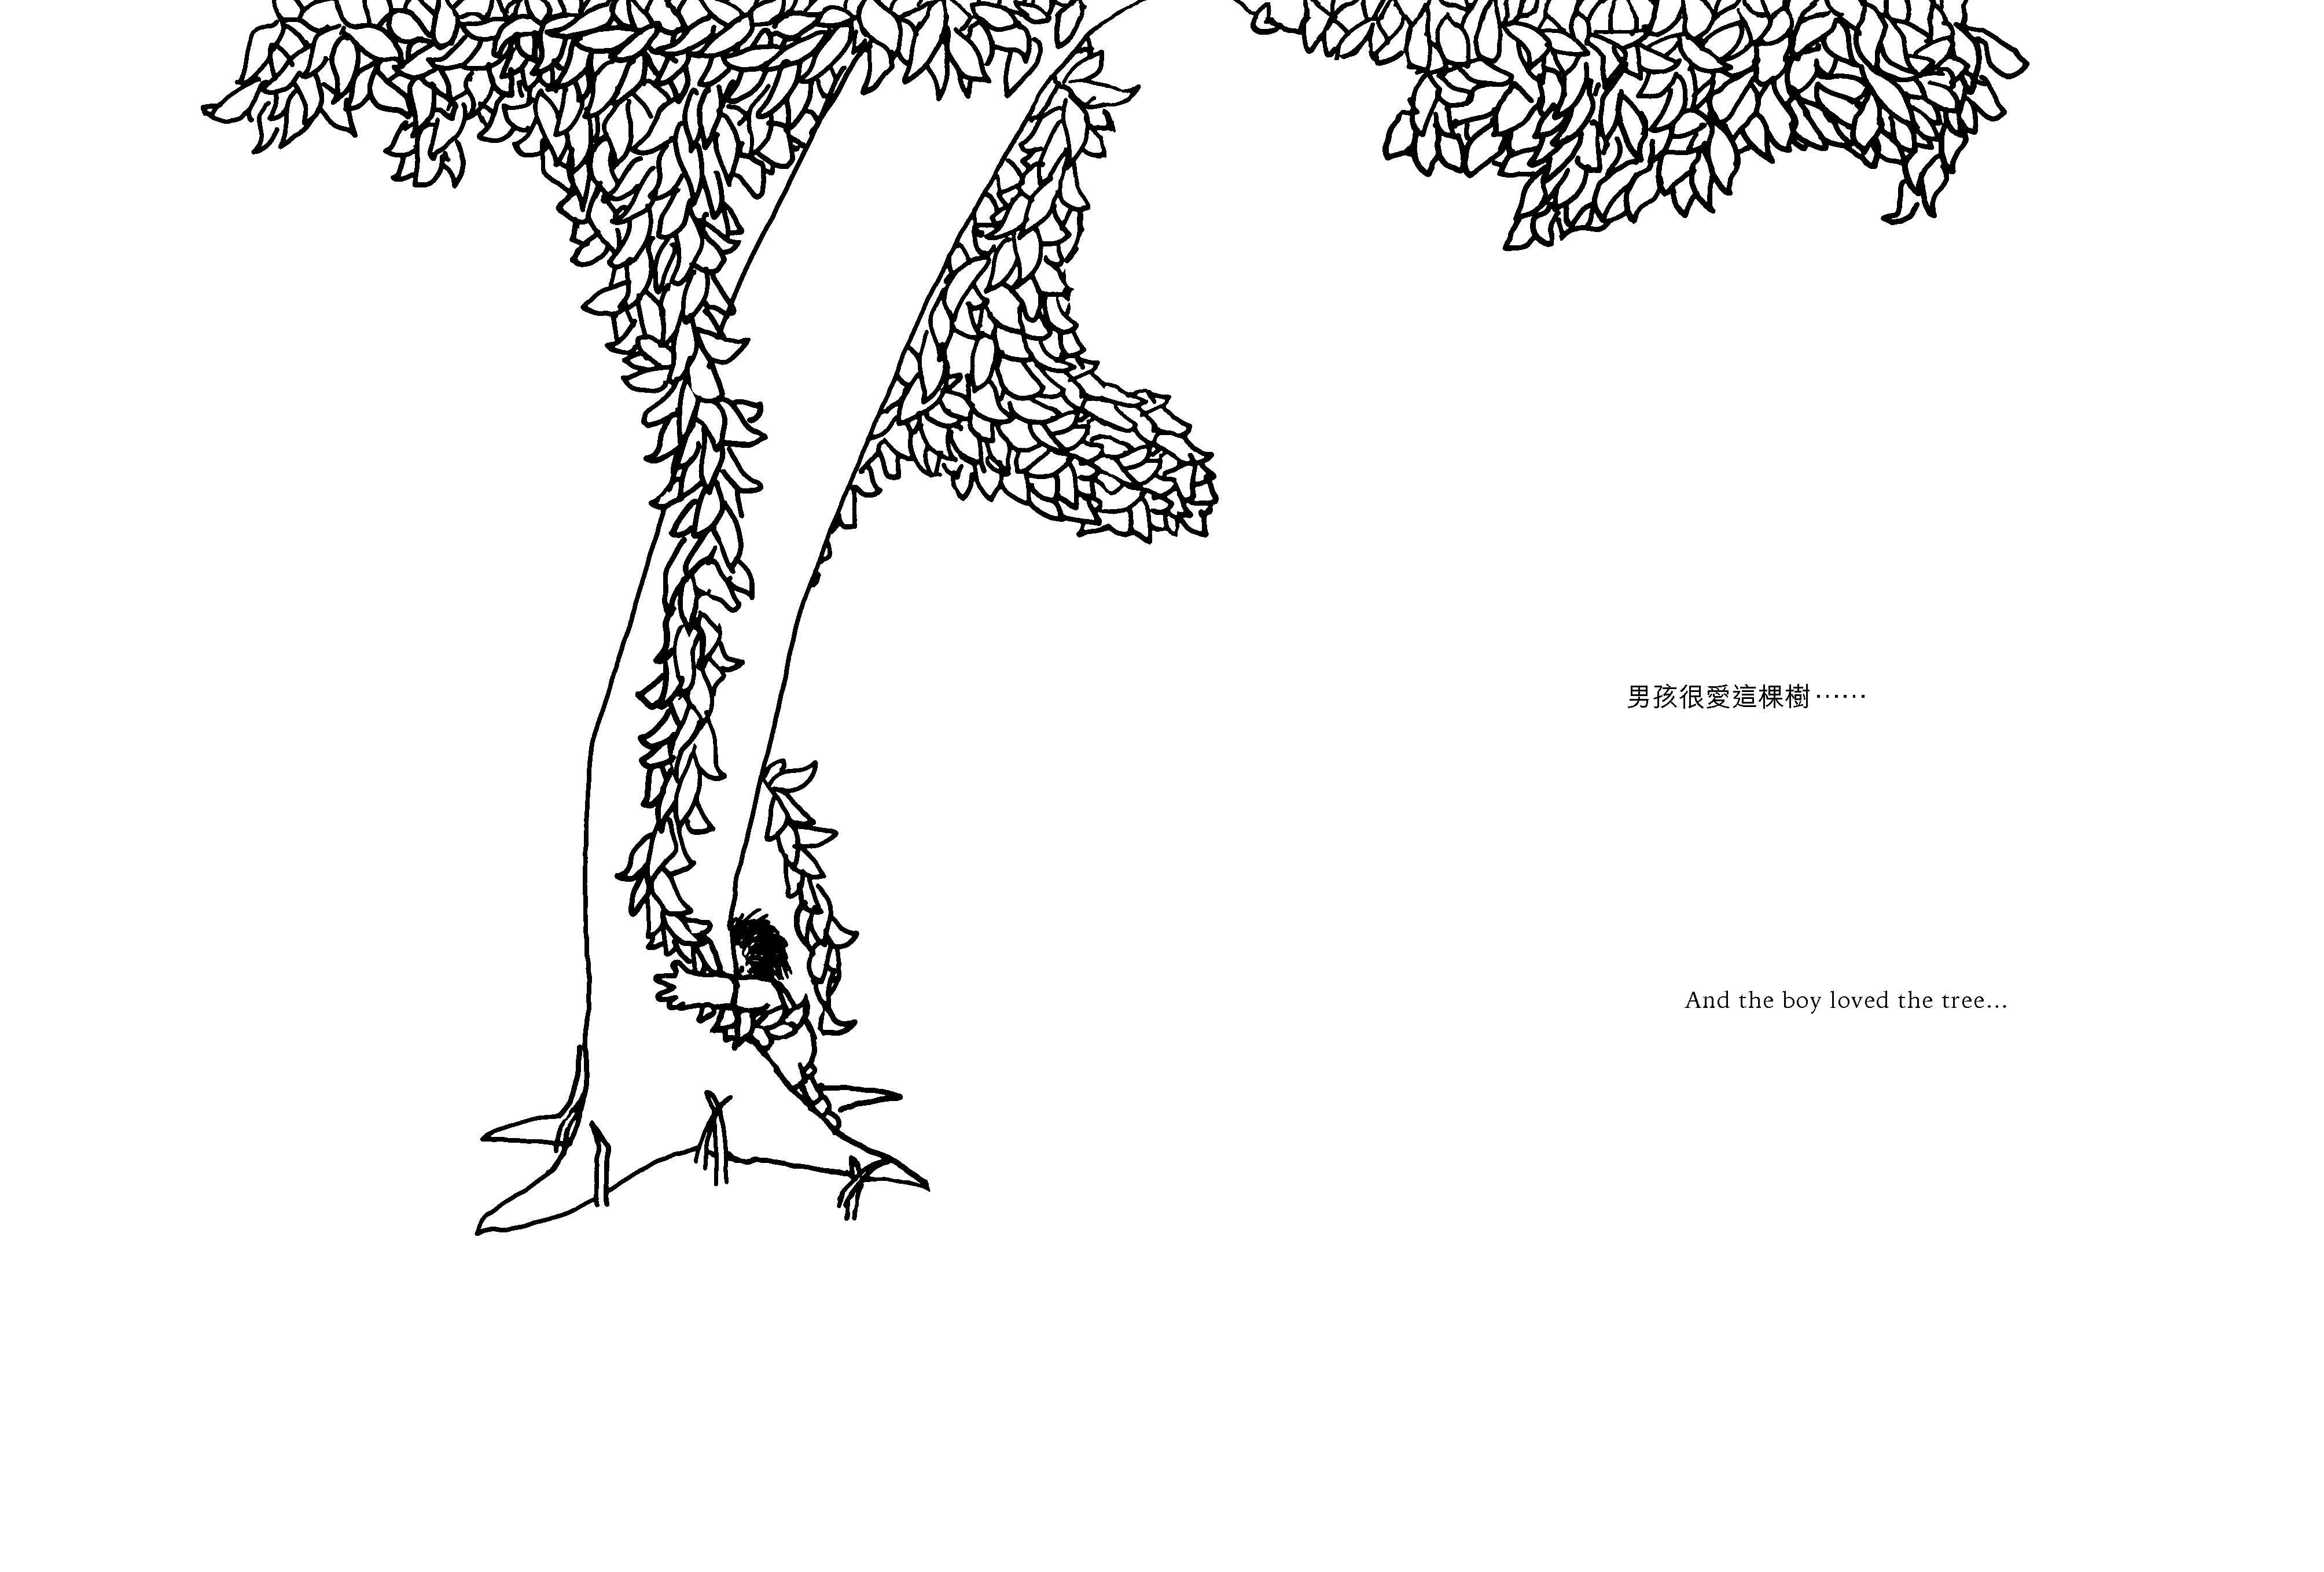 後青春繪本館 愛心樹下坐聽雨